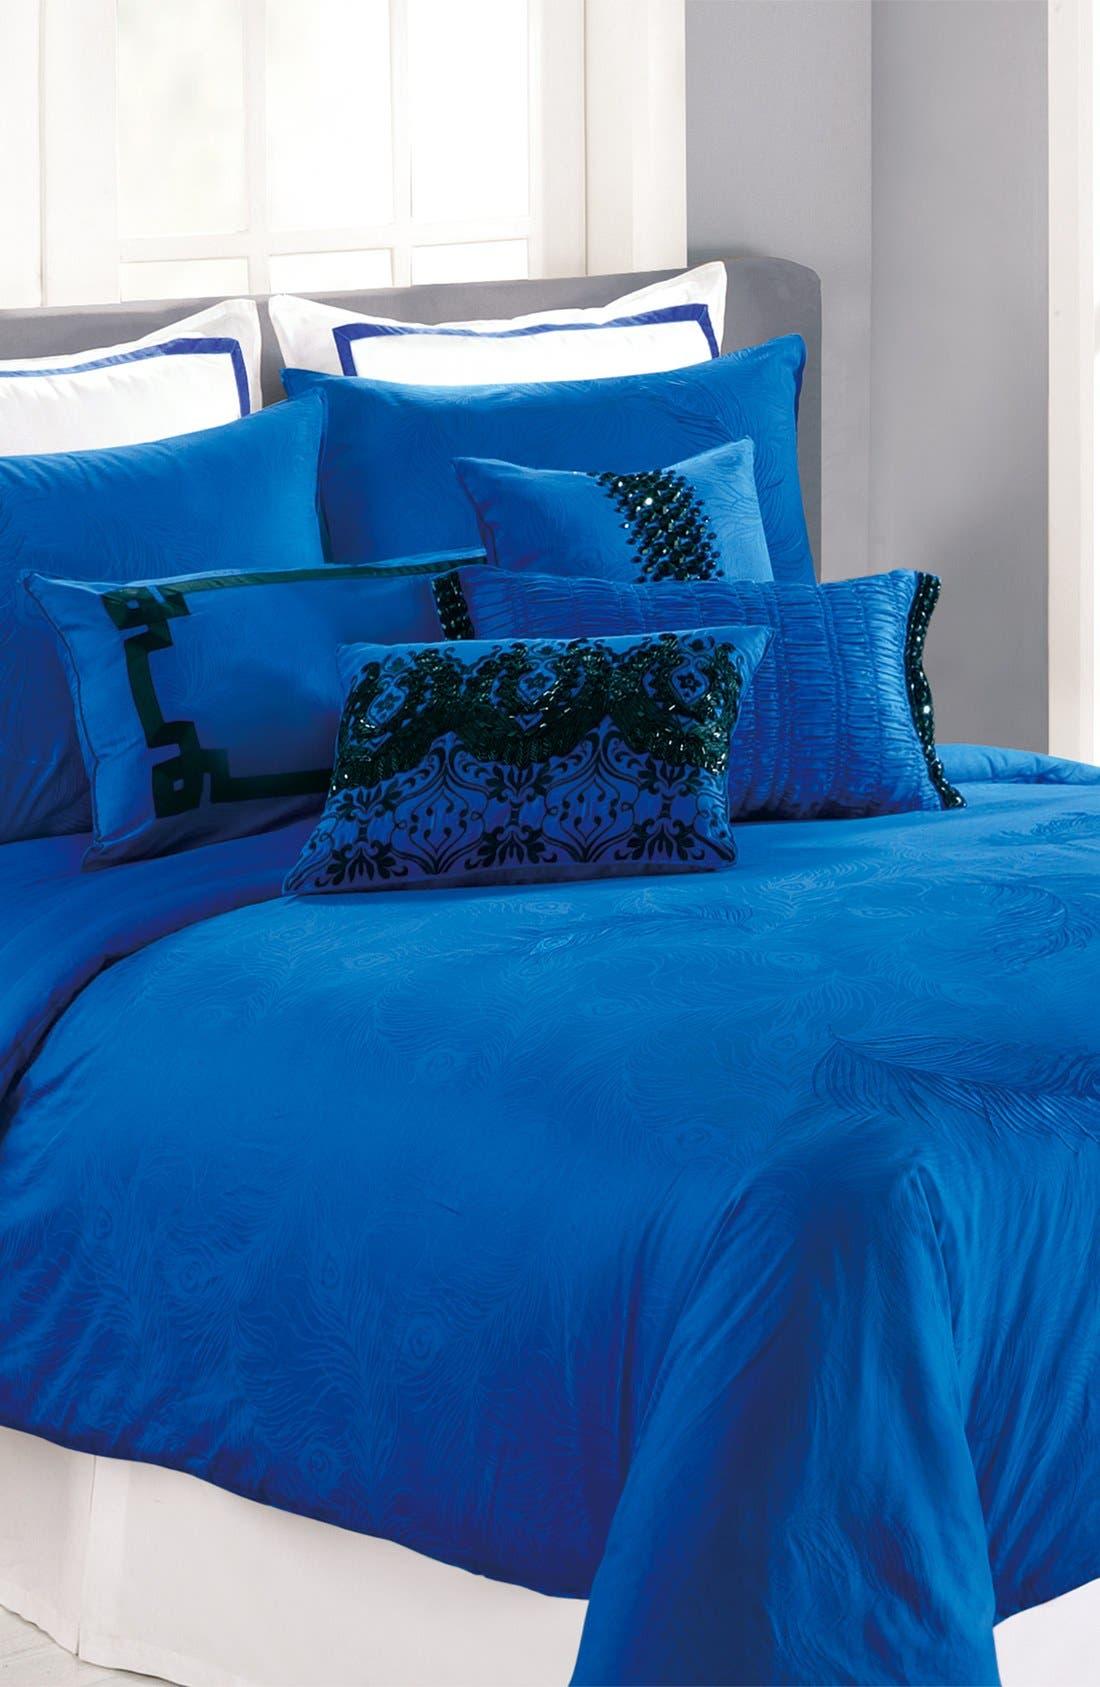 Alternate Image 1 Selected - Nanette Lepore Villa 'Peacock' Cobalt Duvet Cover & Shams